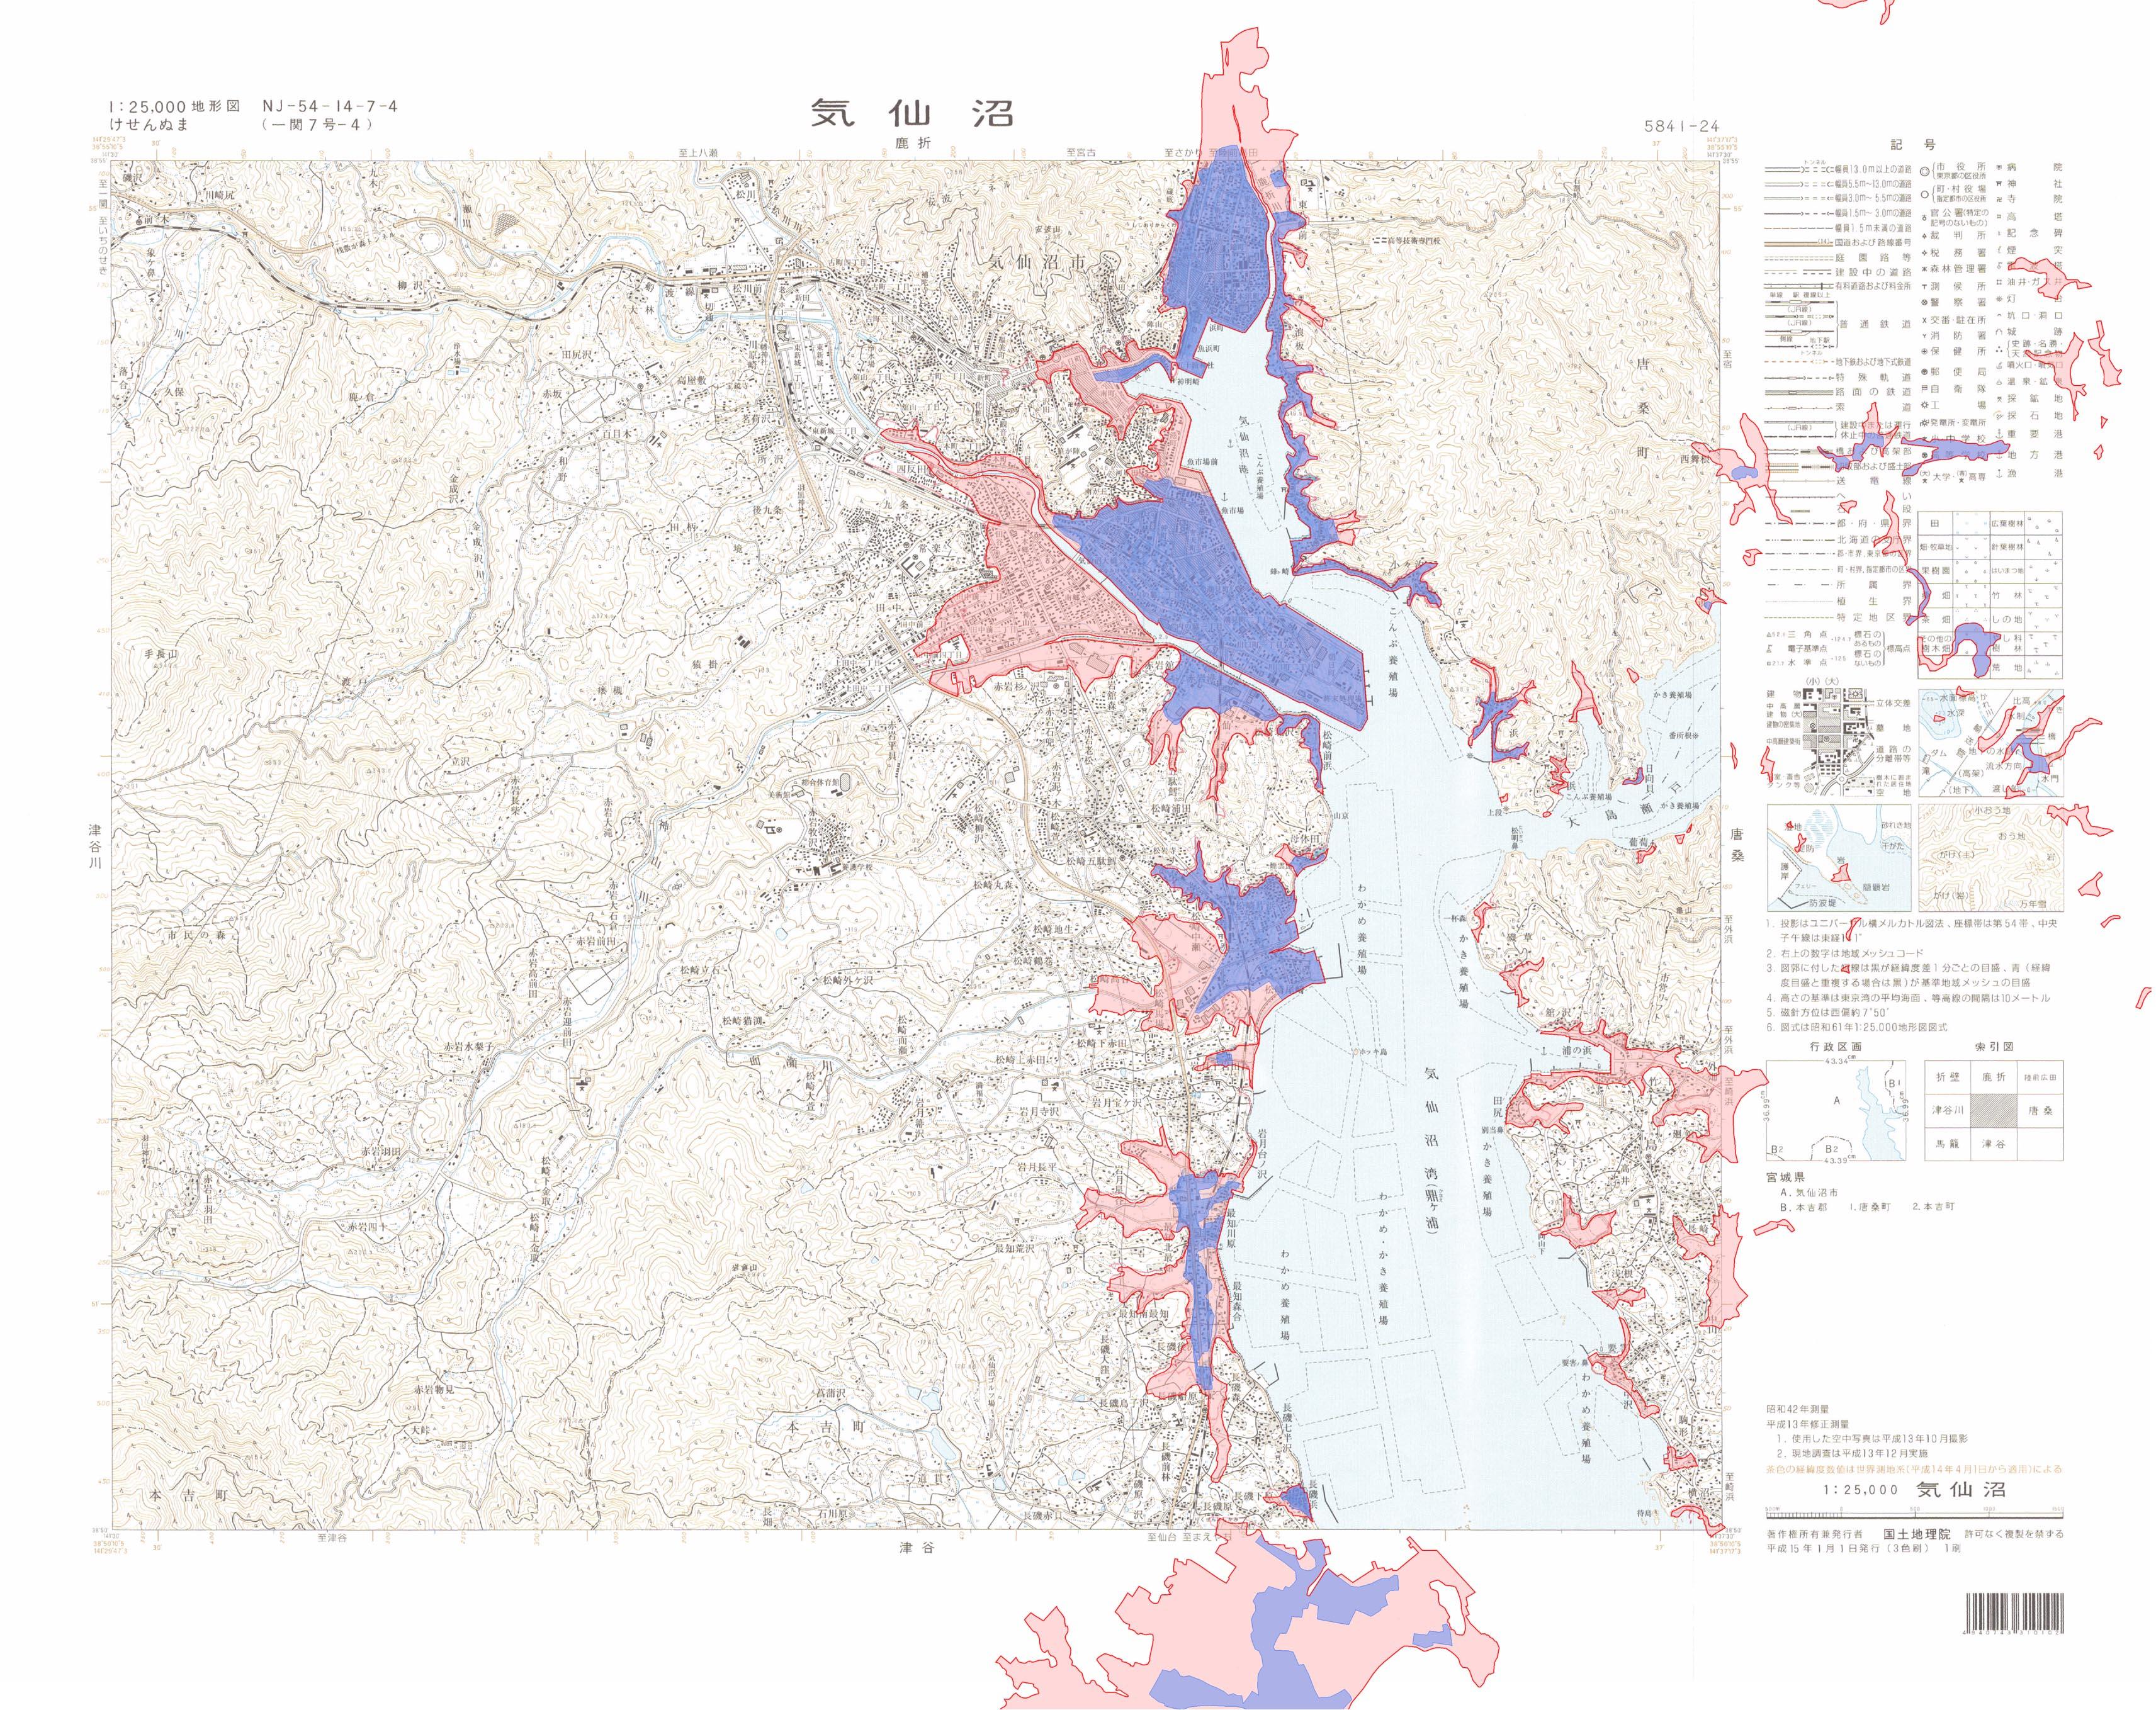 2011年3月11日東北地方太平洋沖地震に伴う津波被災マップ